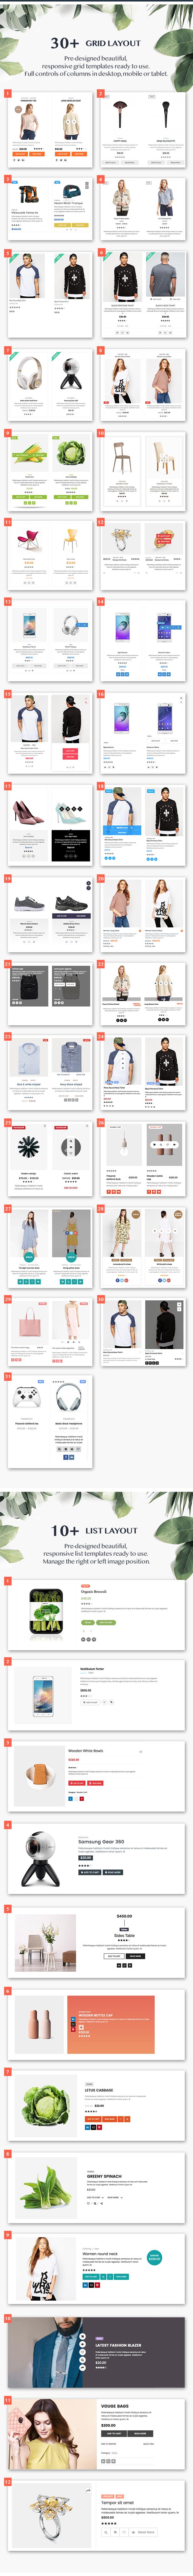 WOO Product Grid / List Design - Responsive Products Showcase-Erweiterung für Woocommerce - 2